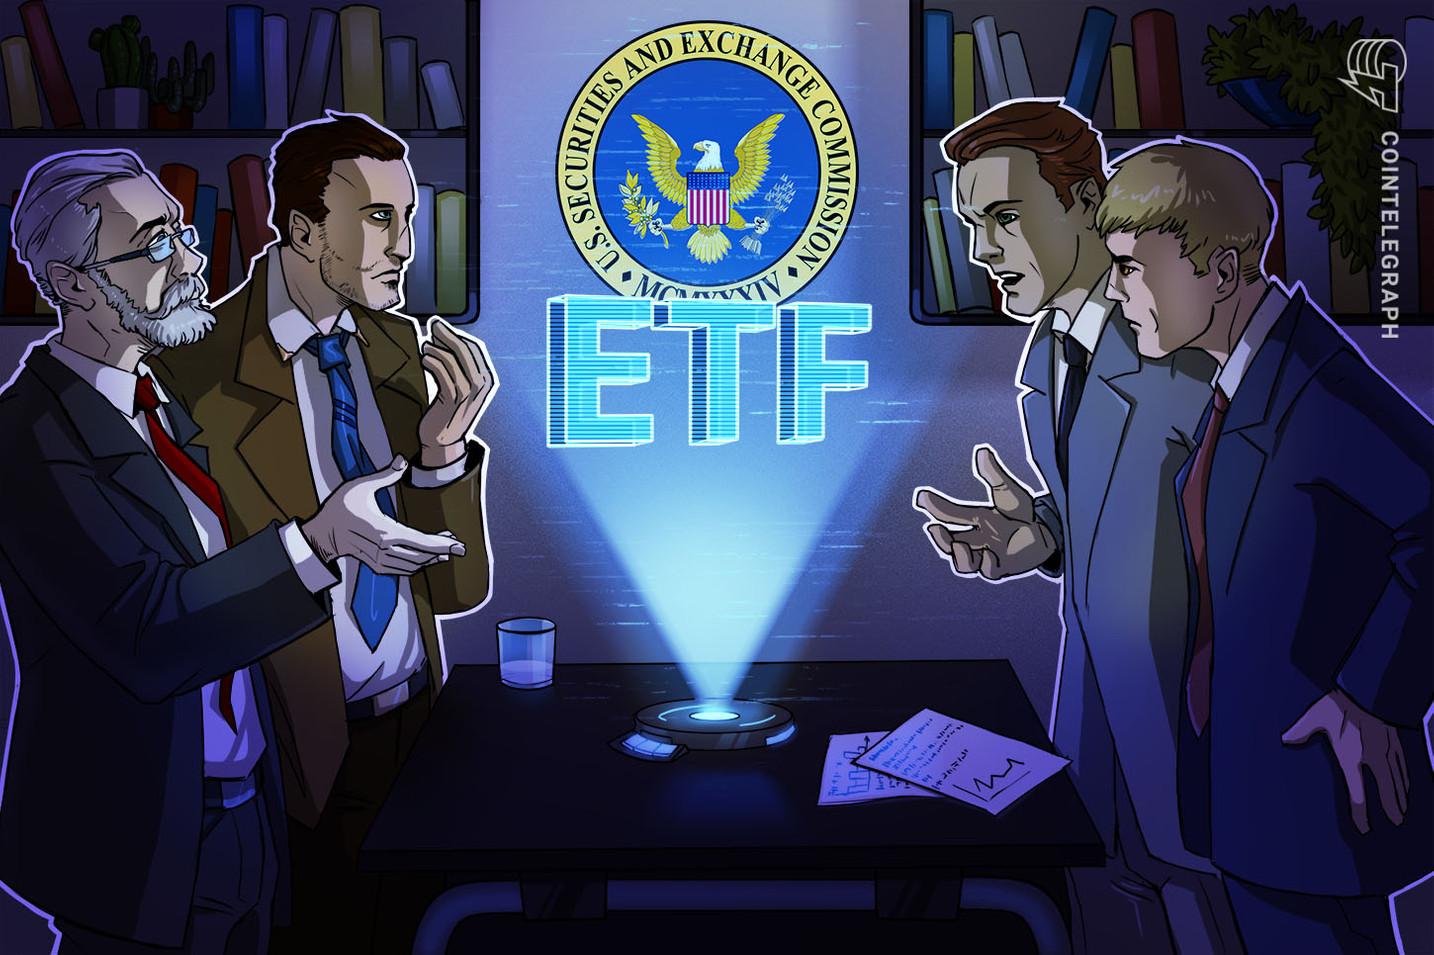 La Comisión de Bolsa y Valores de EE.UU. analiza de nuevo la propuesta rechazada para un ETF de Bitcoin